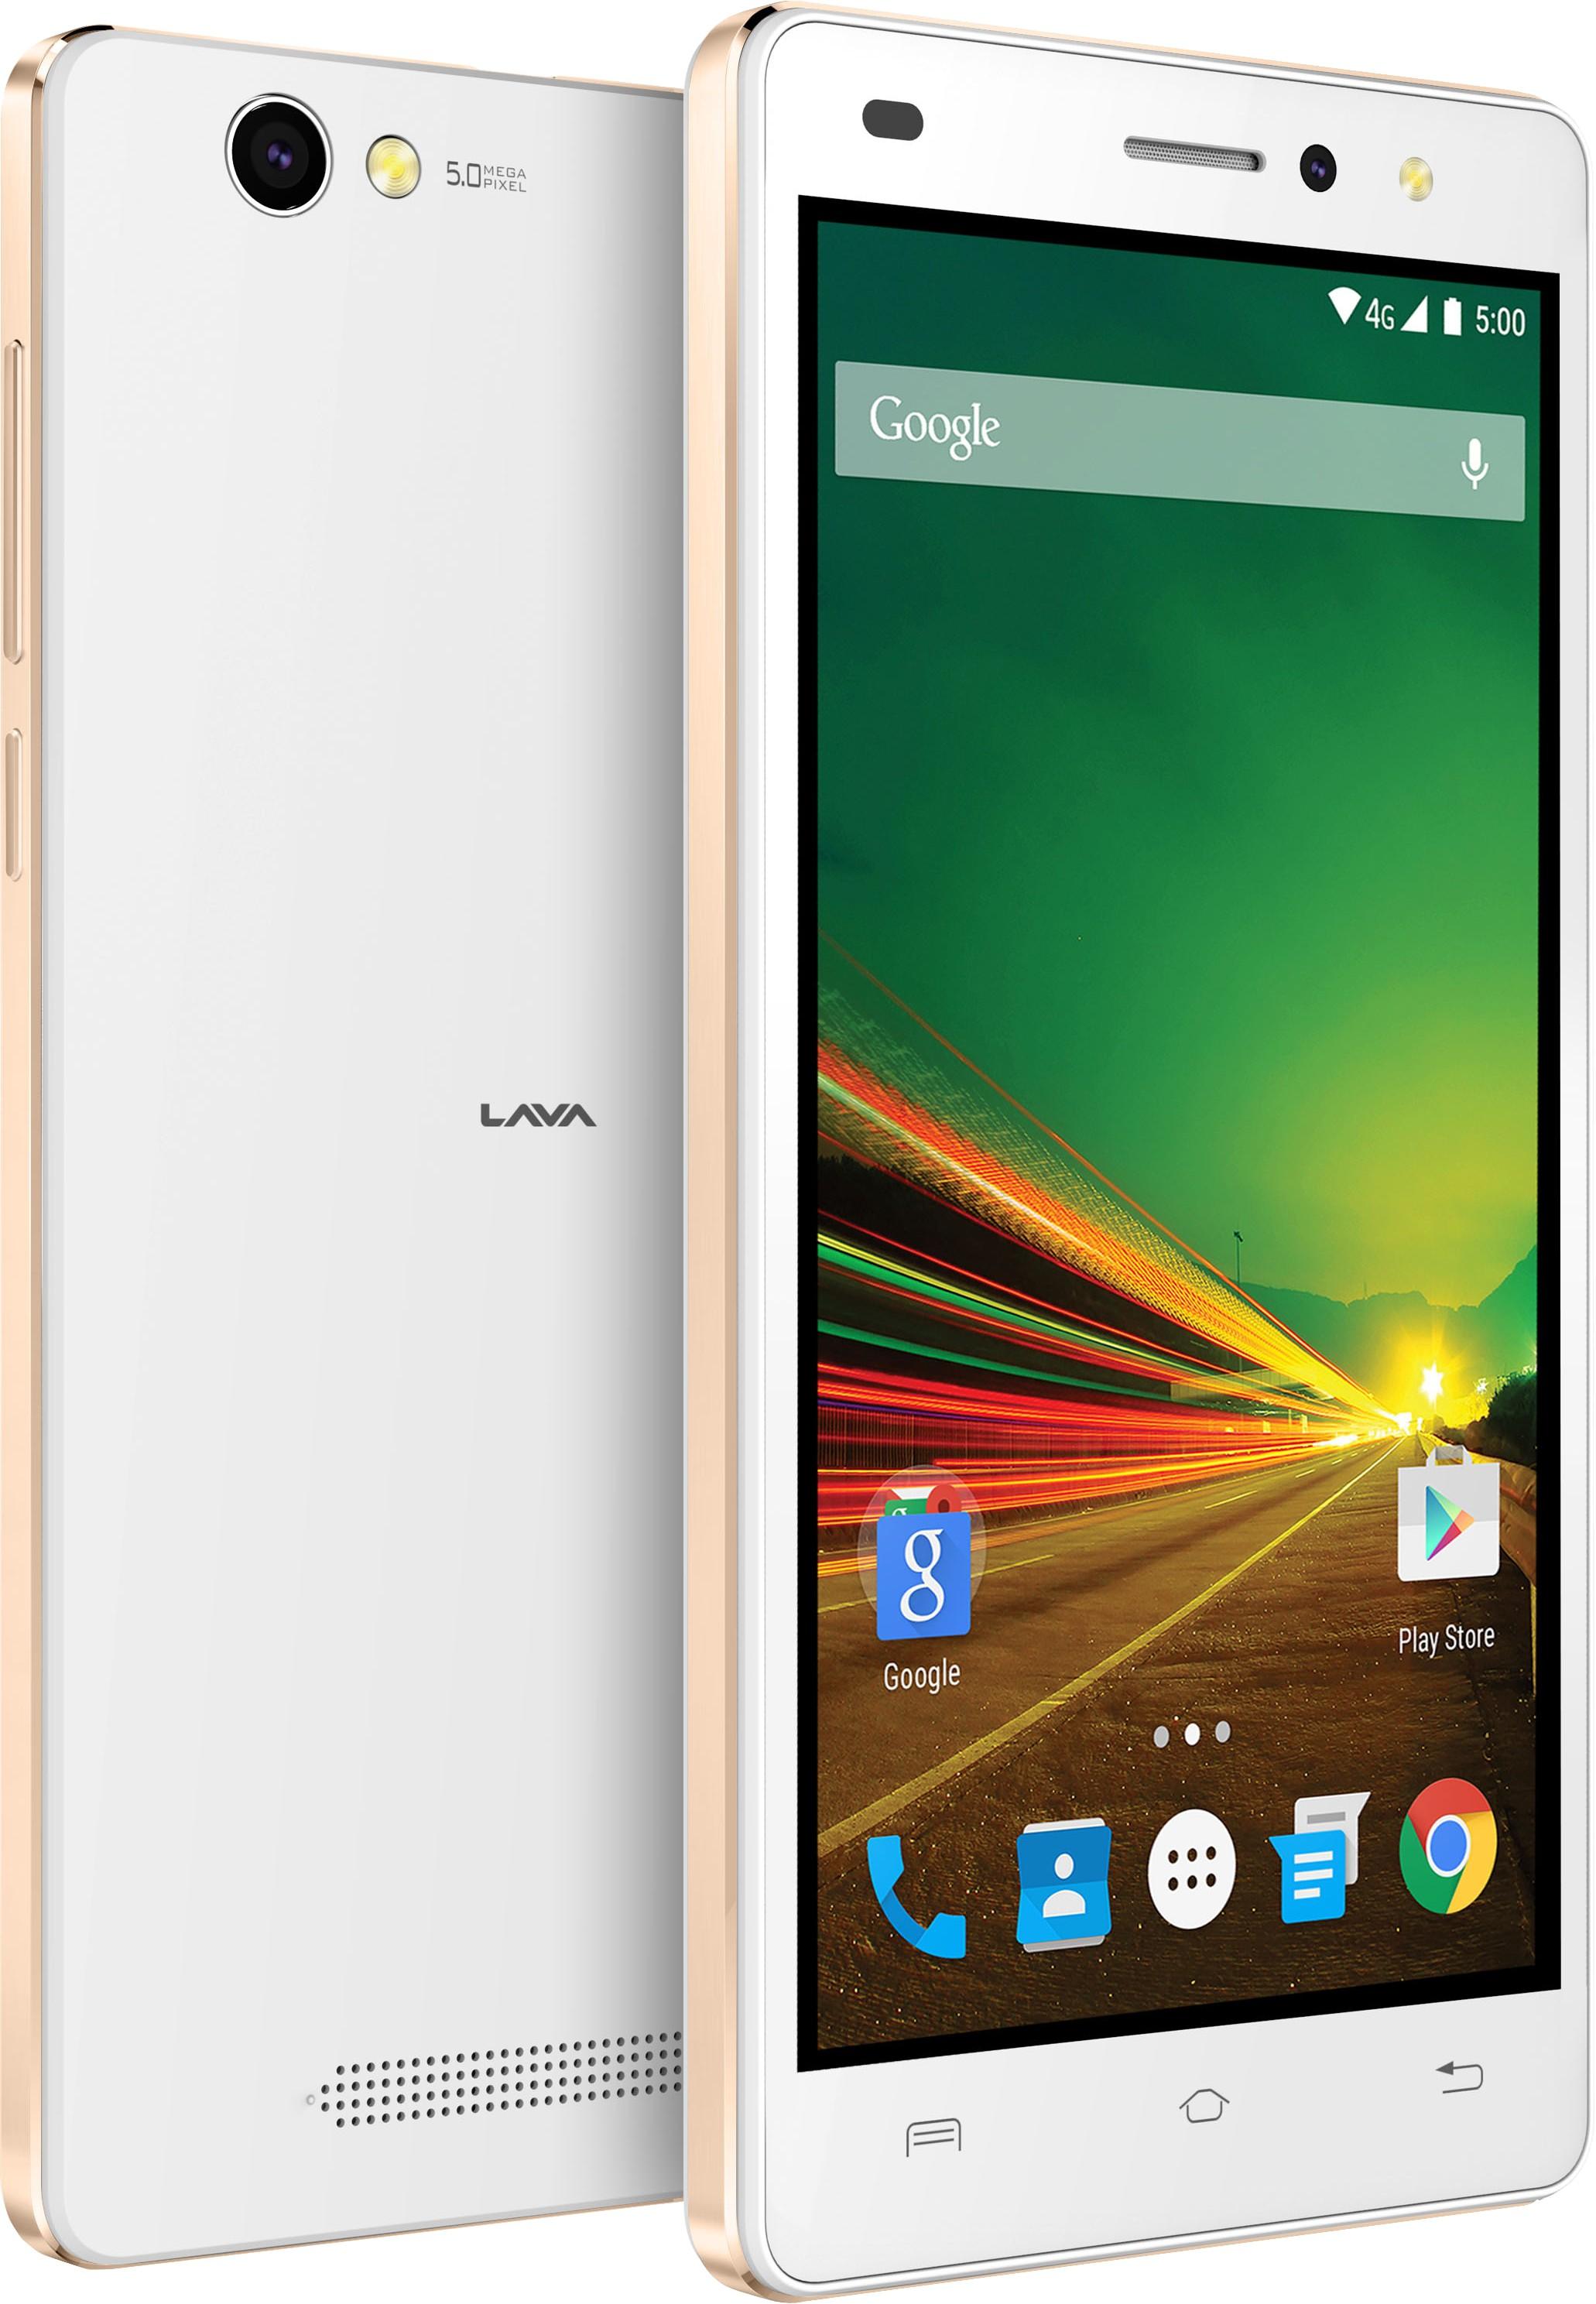 Lava A71 (1GB RAM, 8GB)